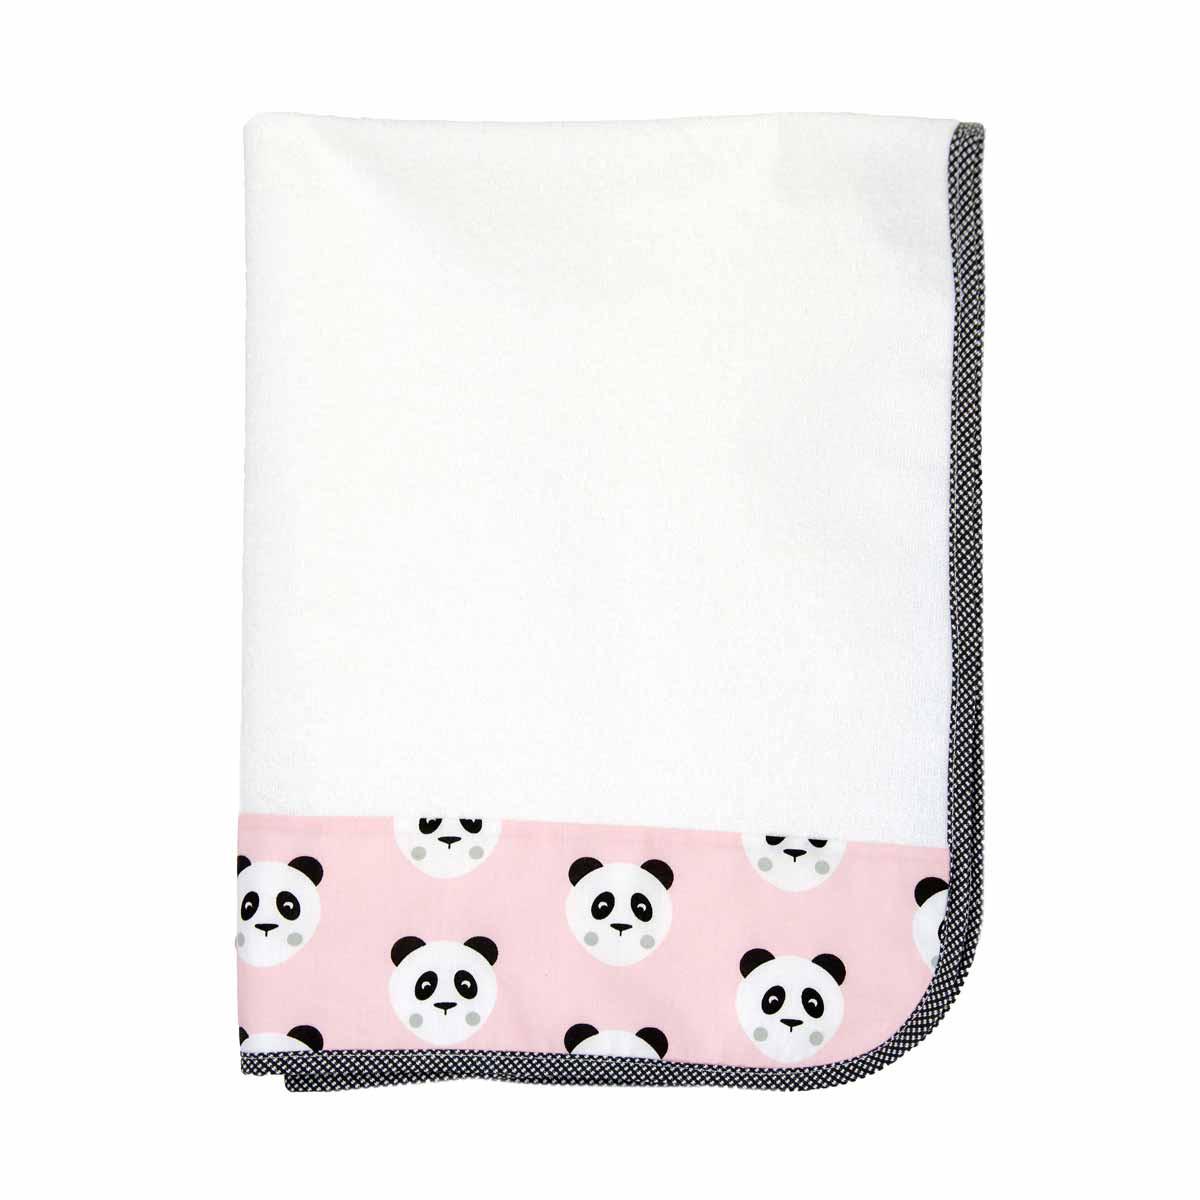 Βρεφικό Σελτεδάκι (60×80) Ninna Nanna Pink Panda